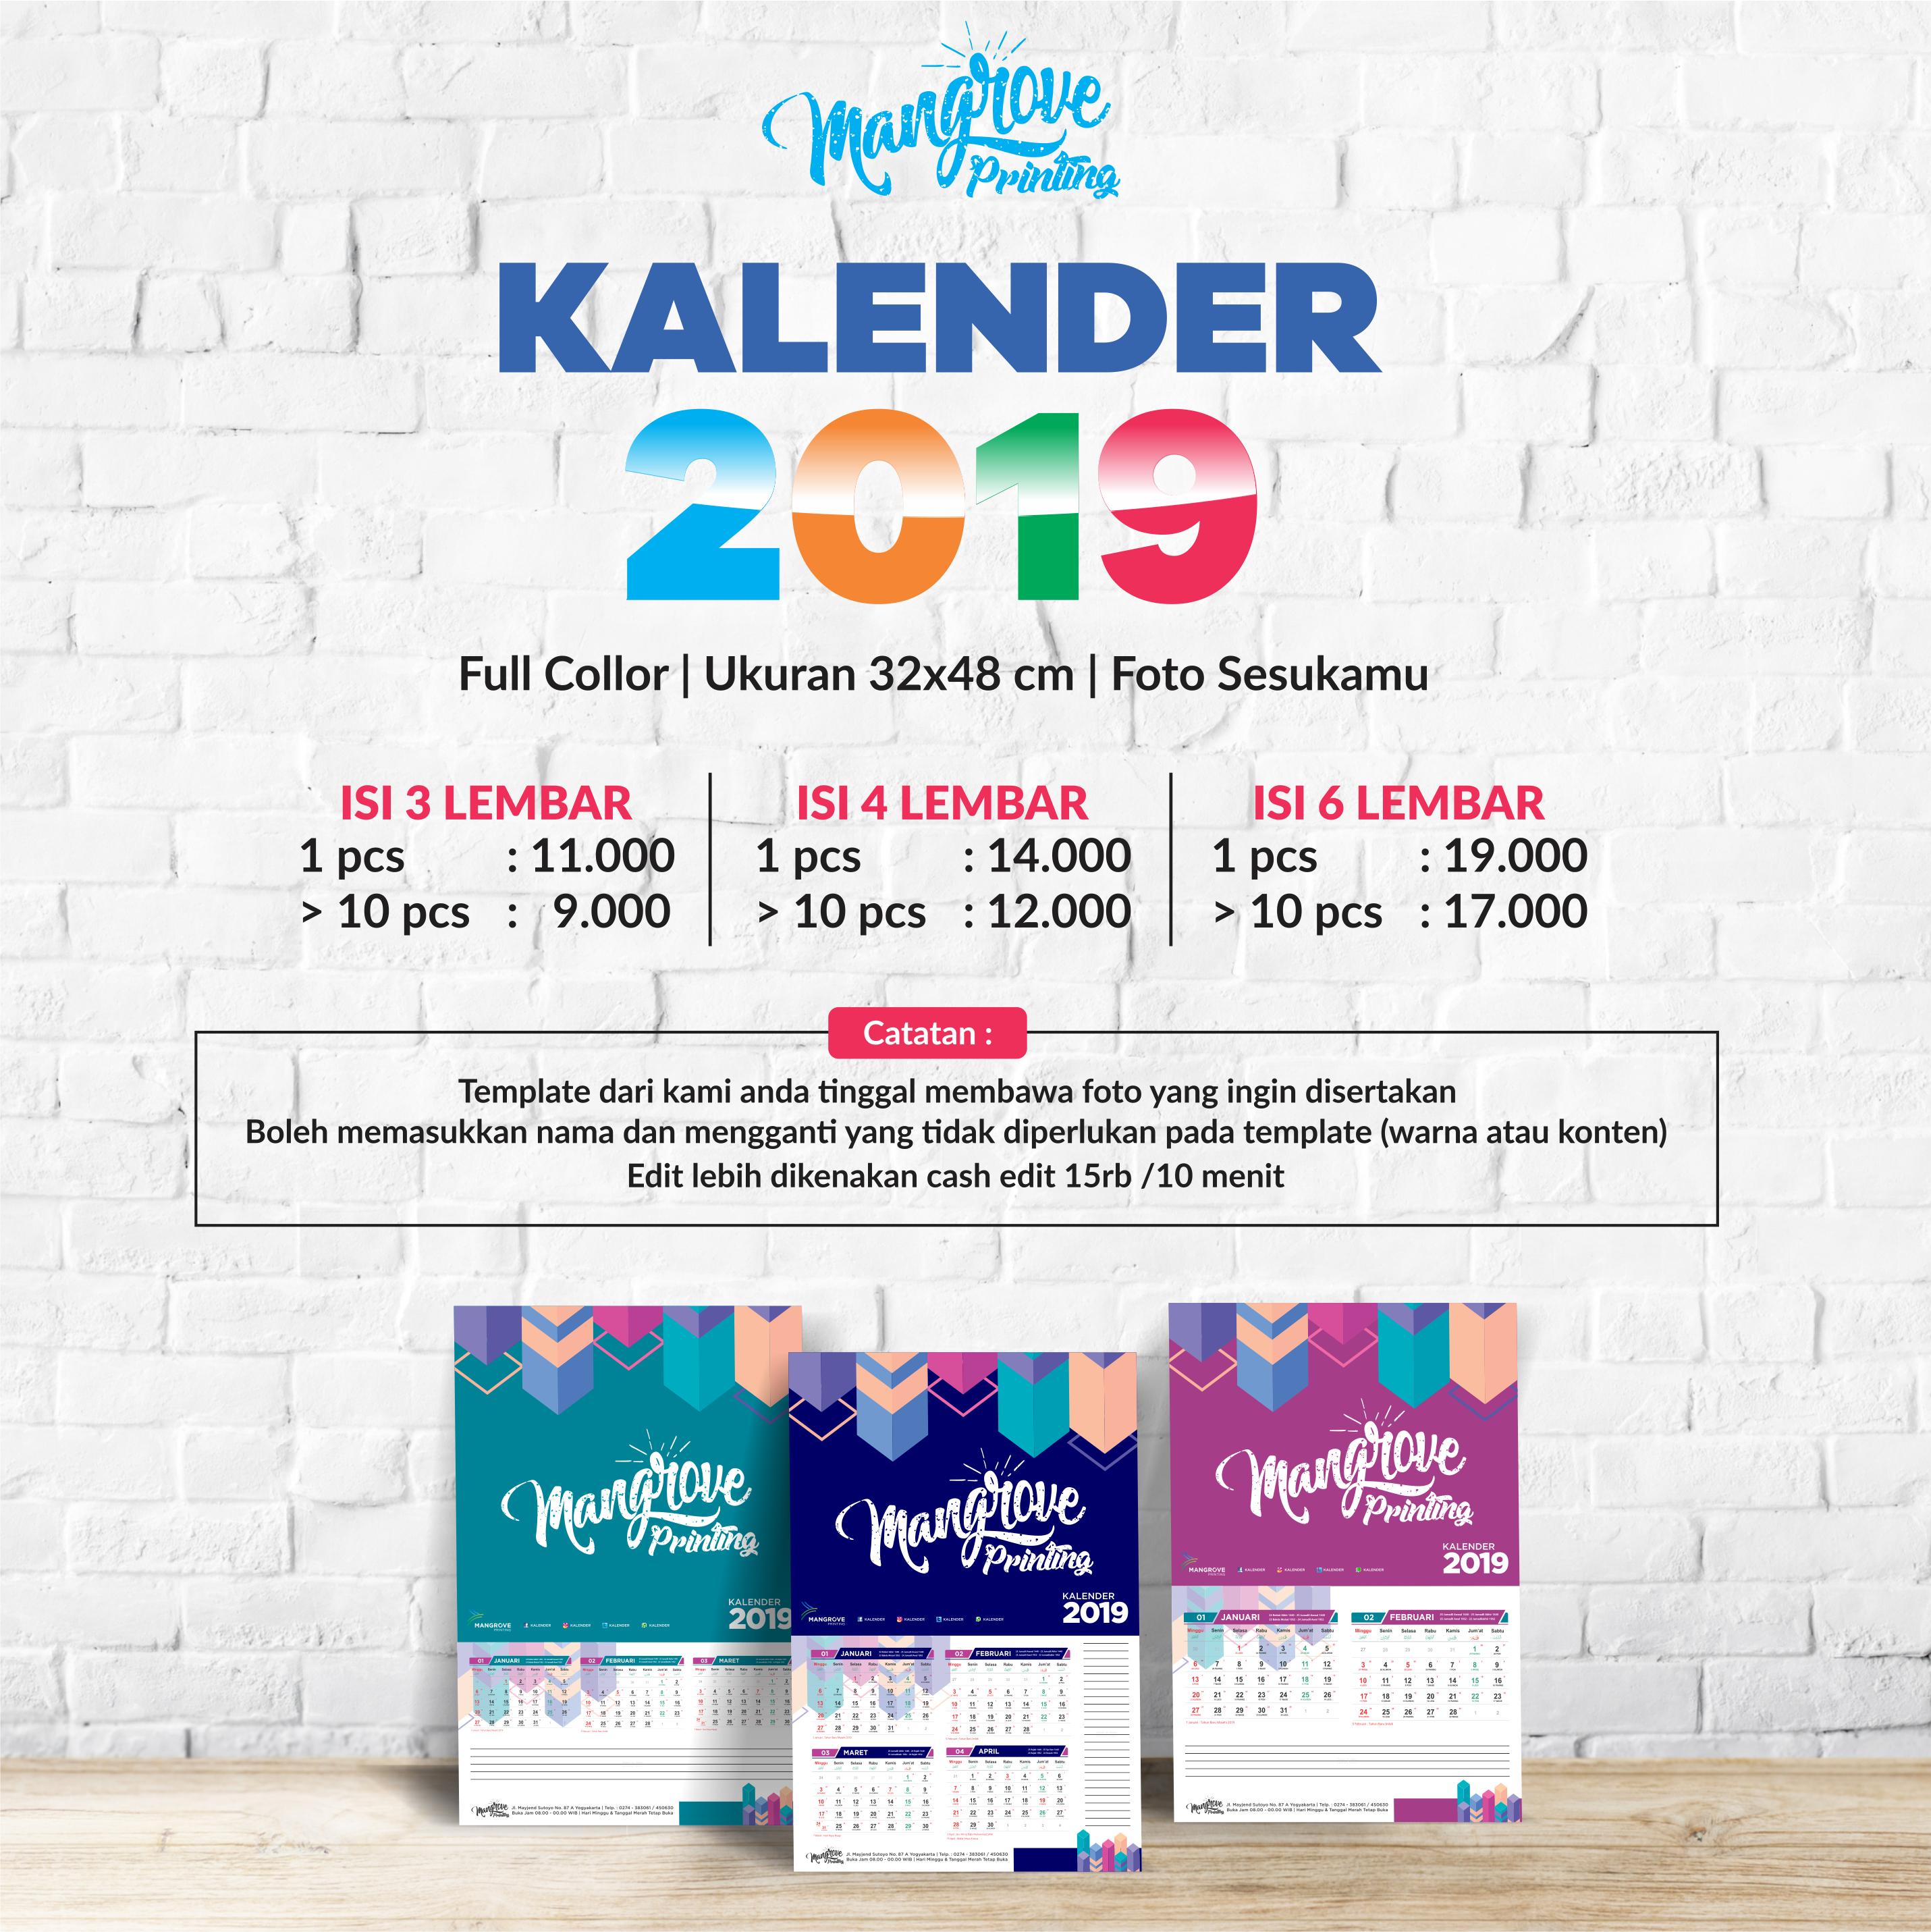 Mangrove Gejayan Promo Paket Kalender 2019 Murah